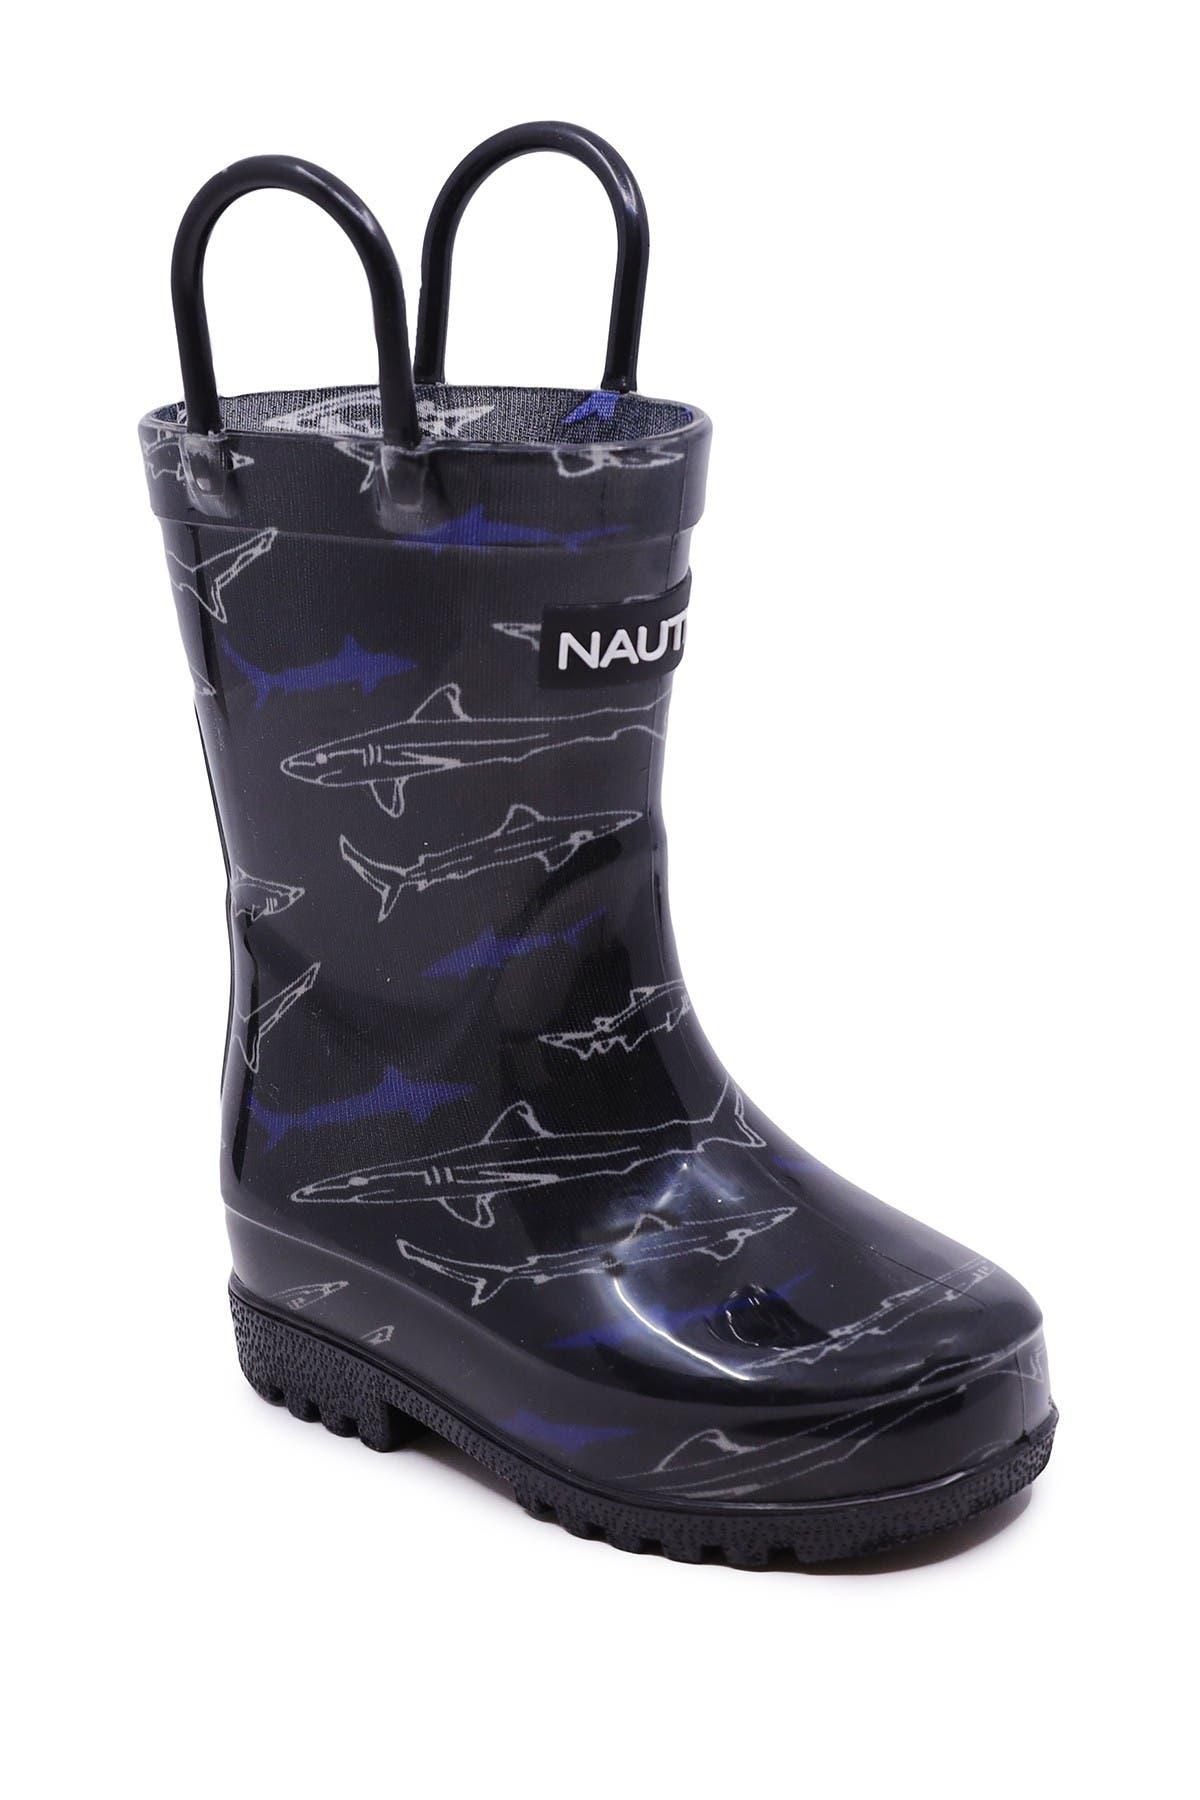 Nautica Bray Rain Boot